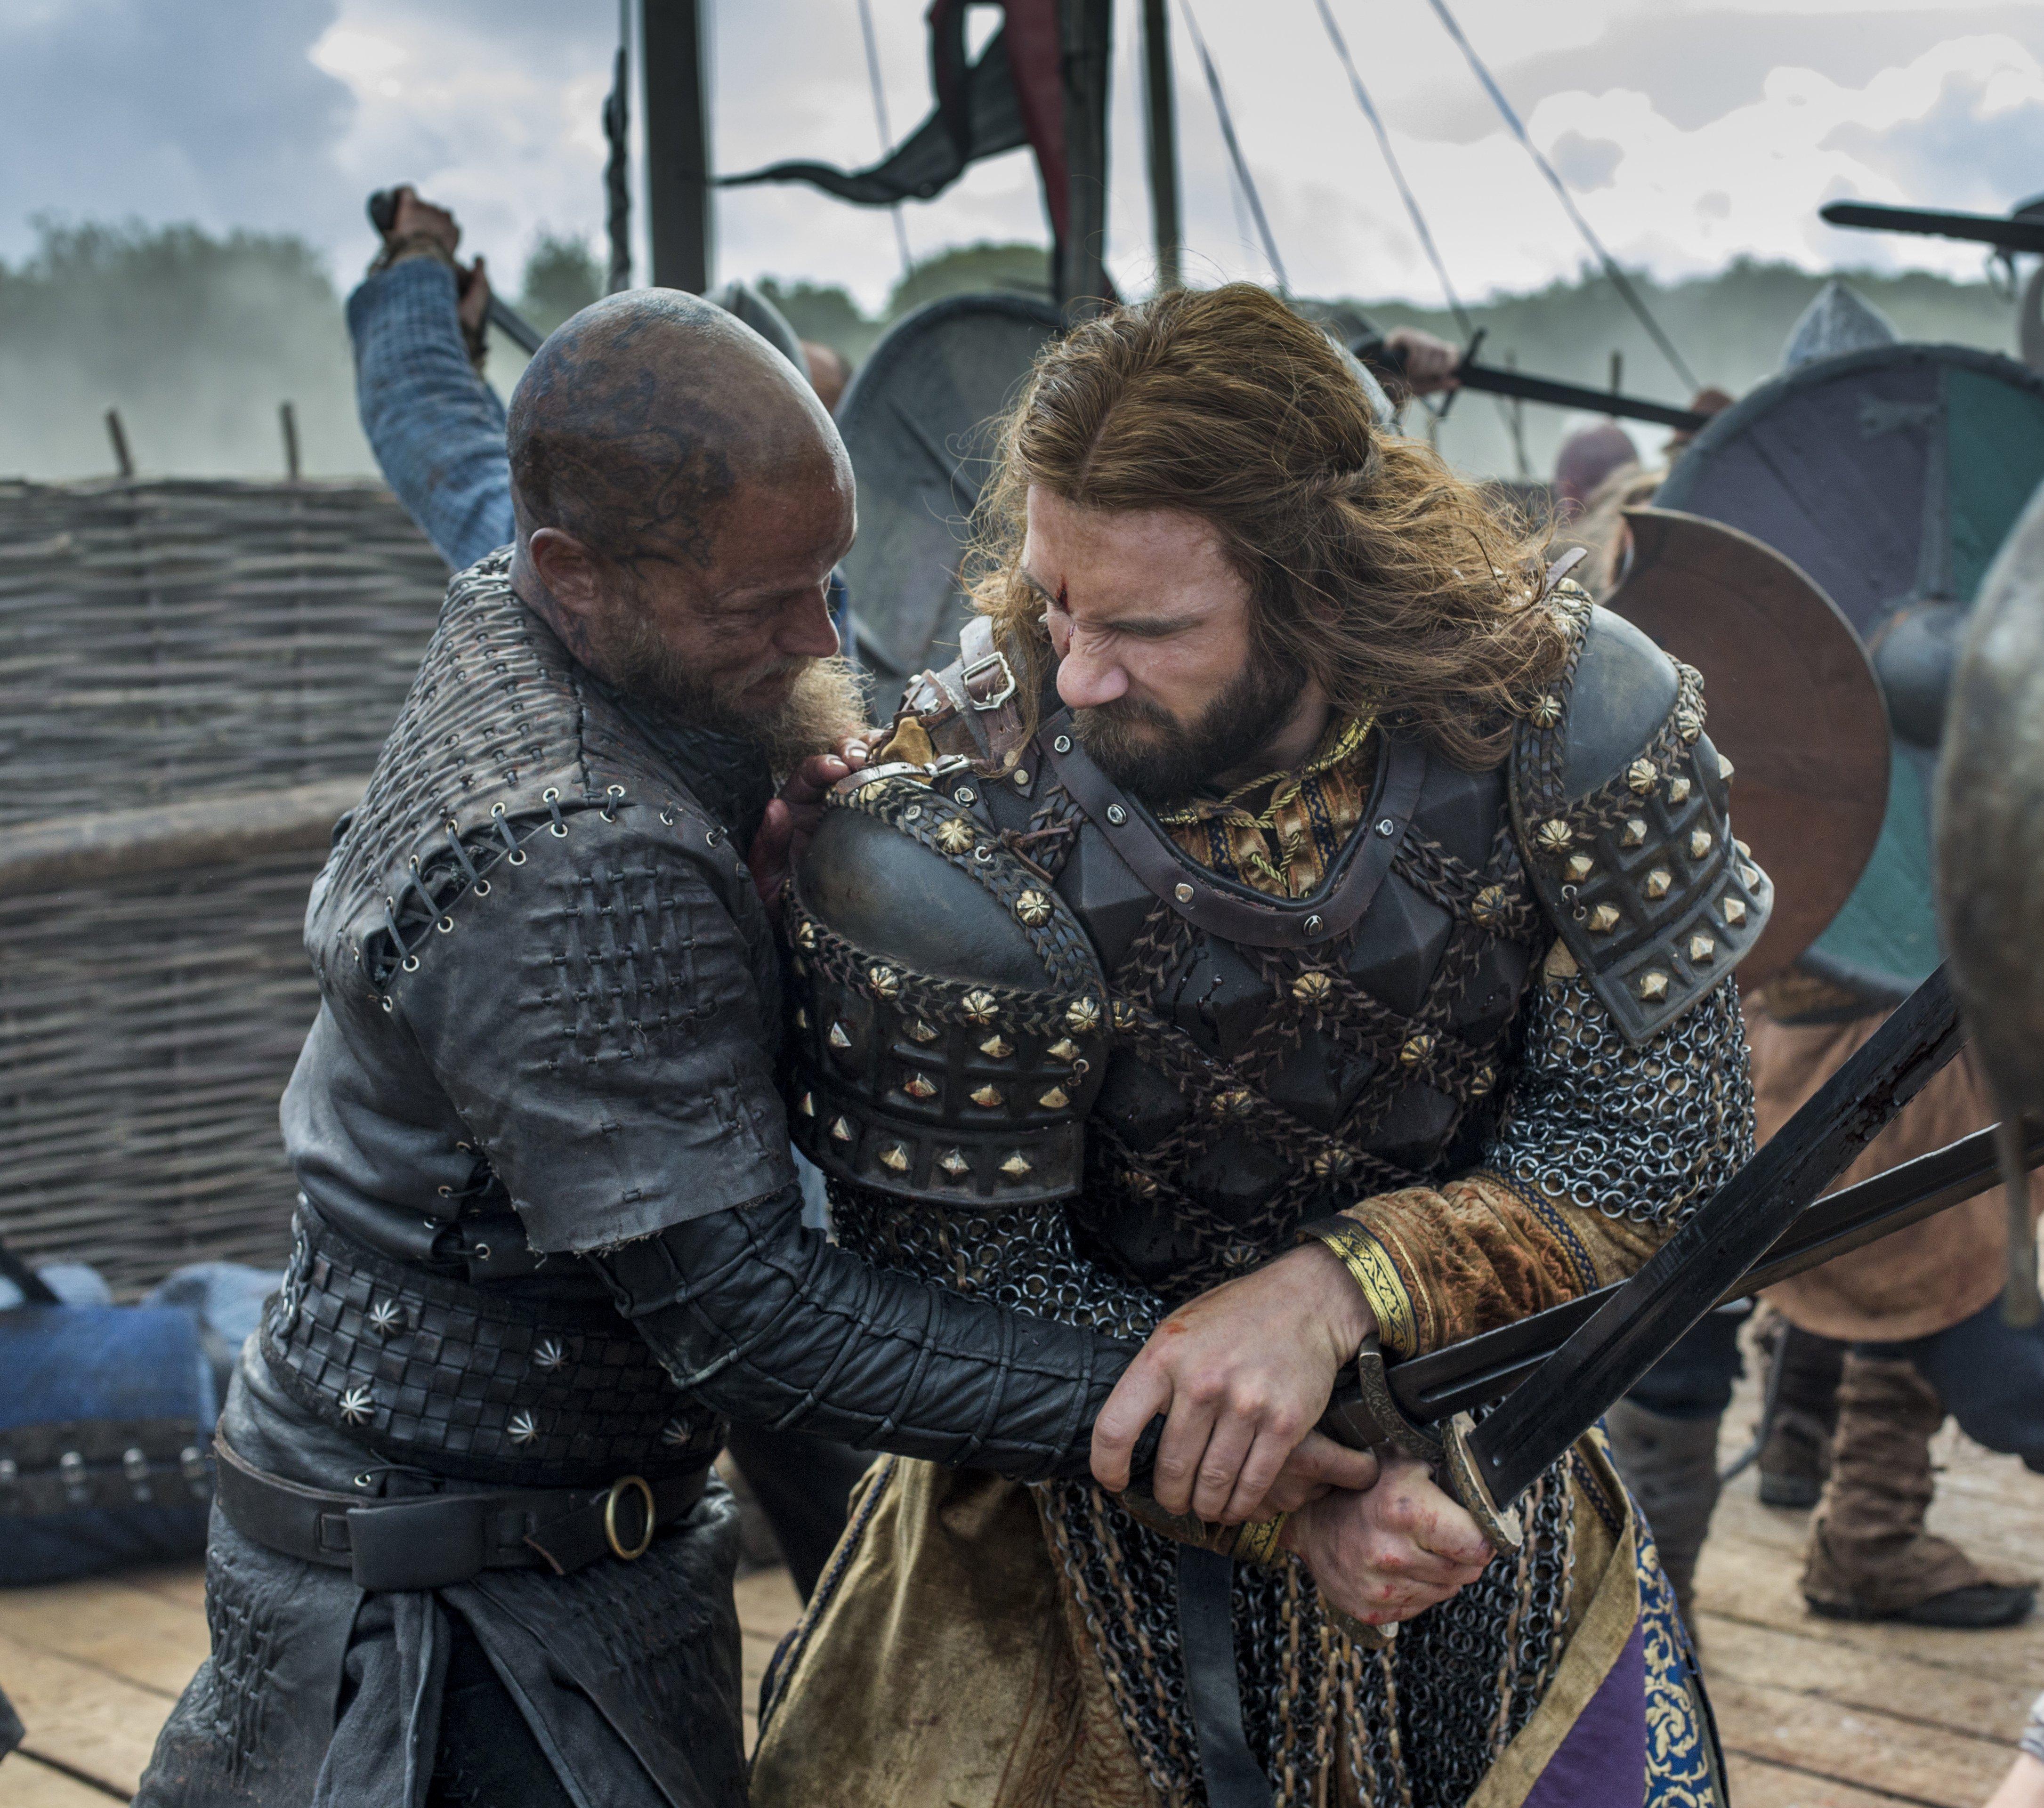 Последнее королевство (1 сезон) смотреть онлайн бесплатно